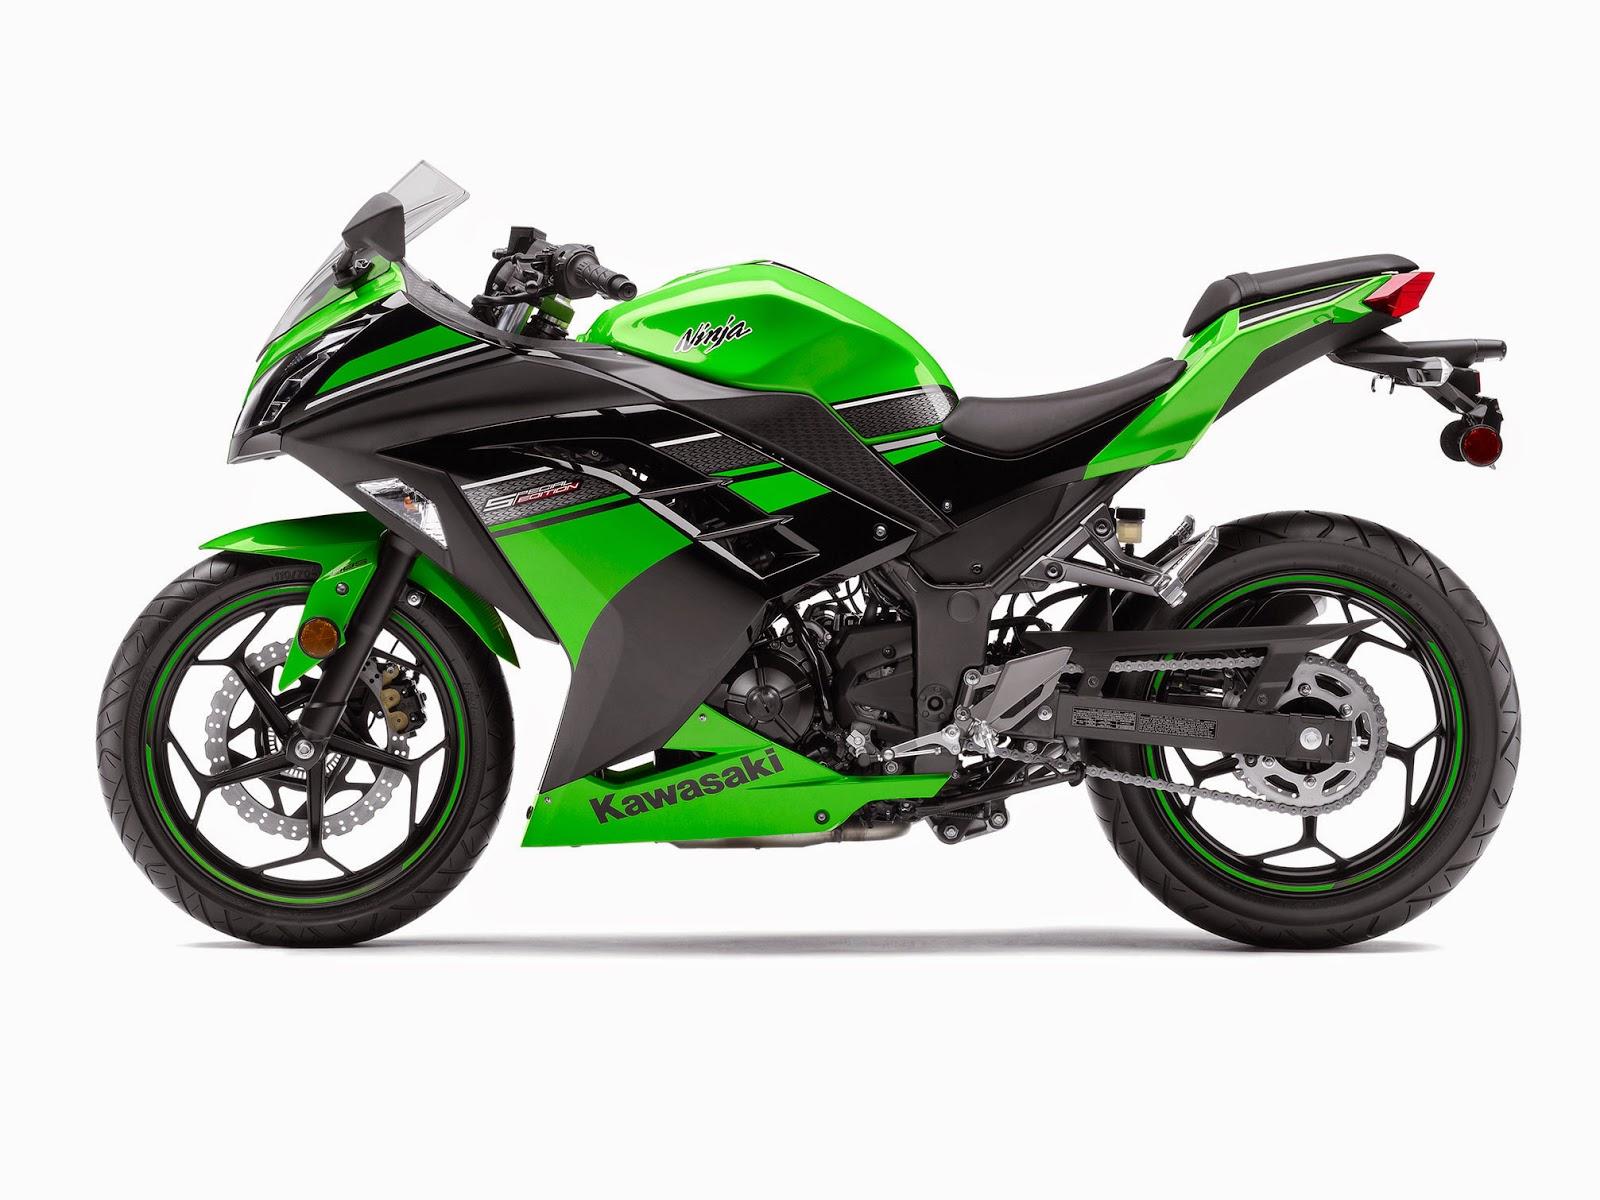 Galeria de fotos: Novas Kawasaki Ninja 650 e Z650 são